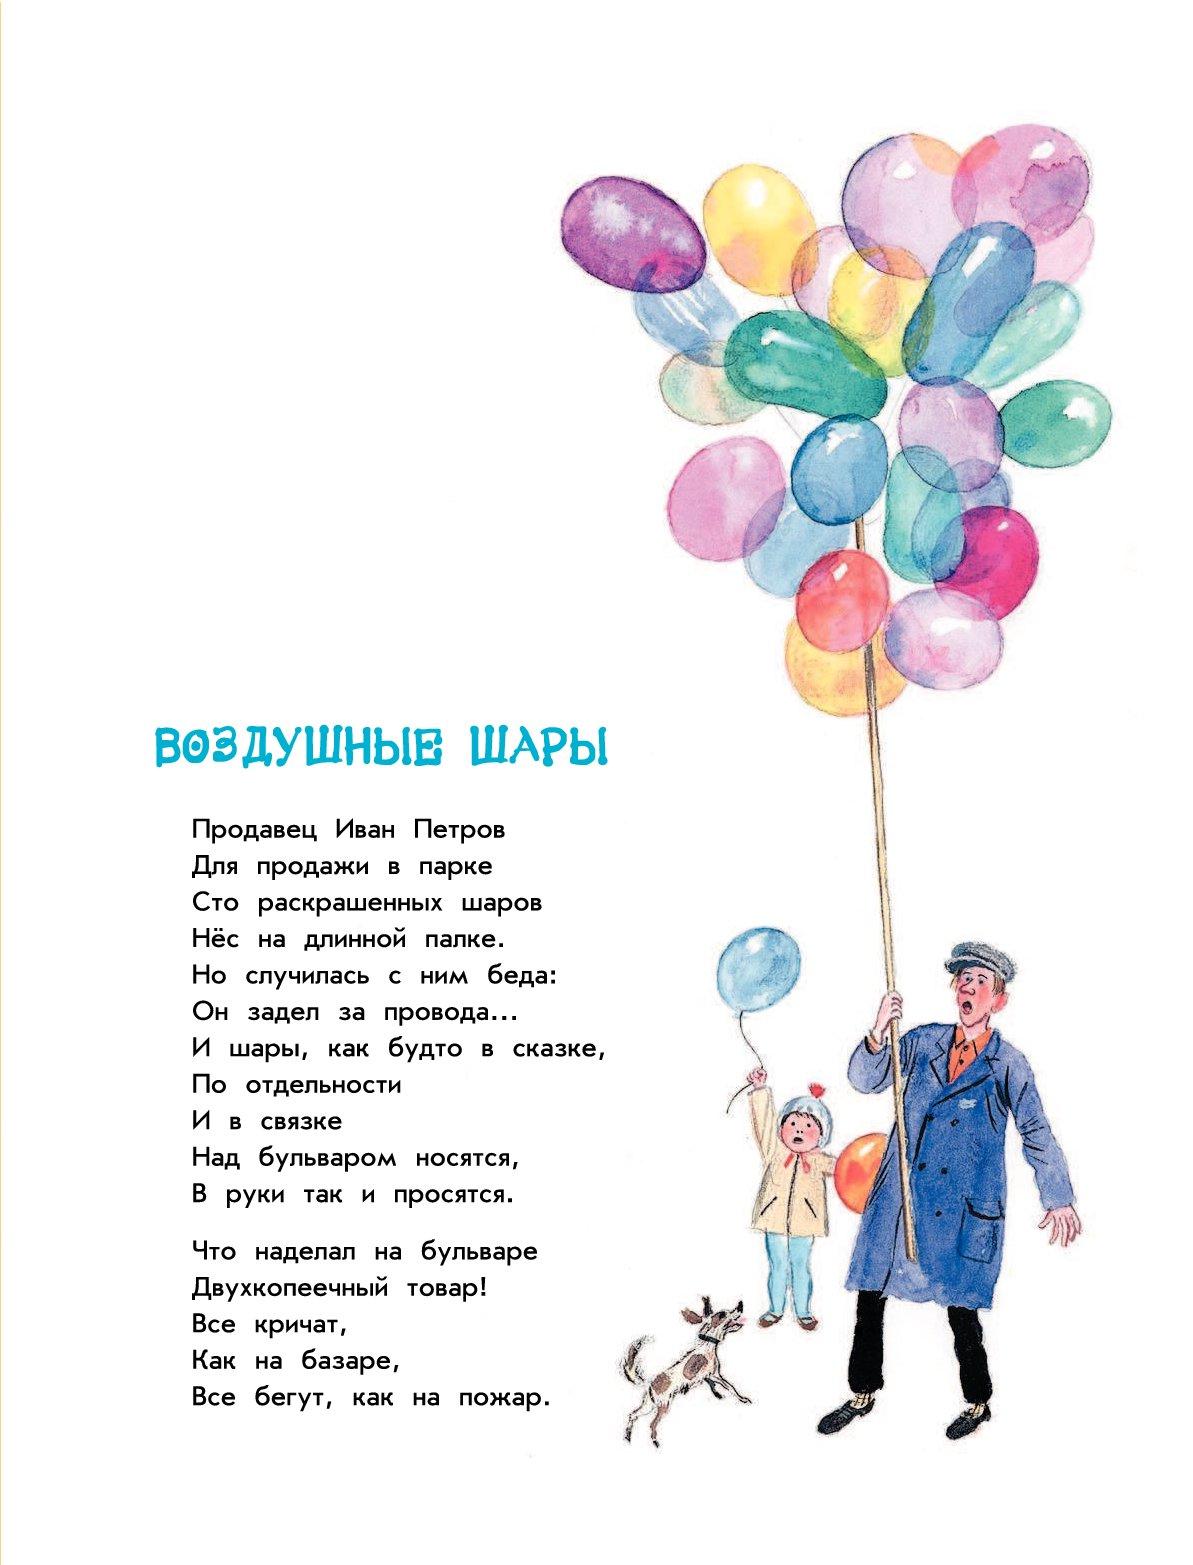 поздравление с воздушными шарами в стихах сэкономить сделать удачное